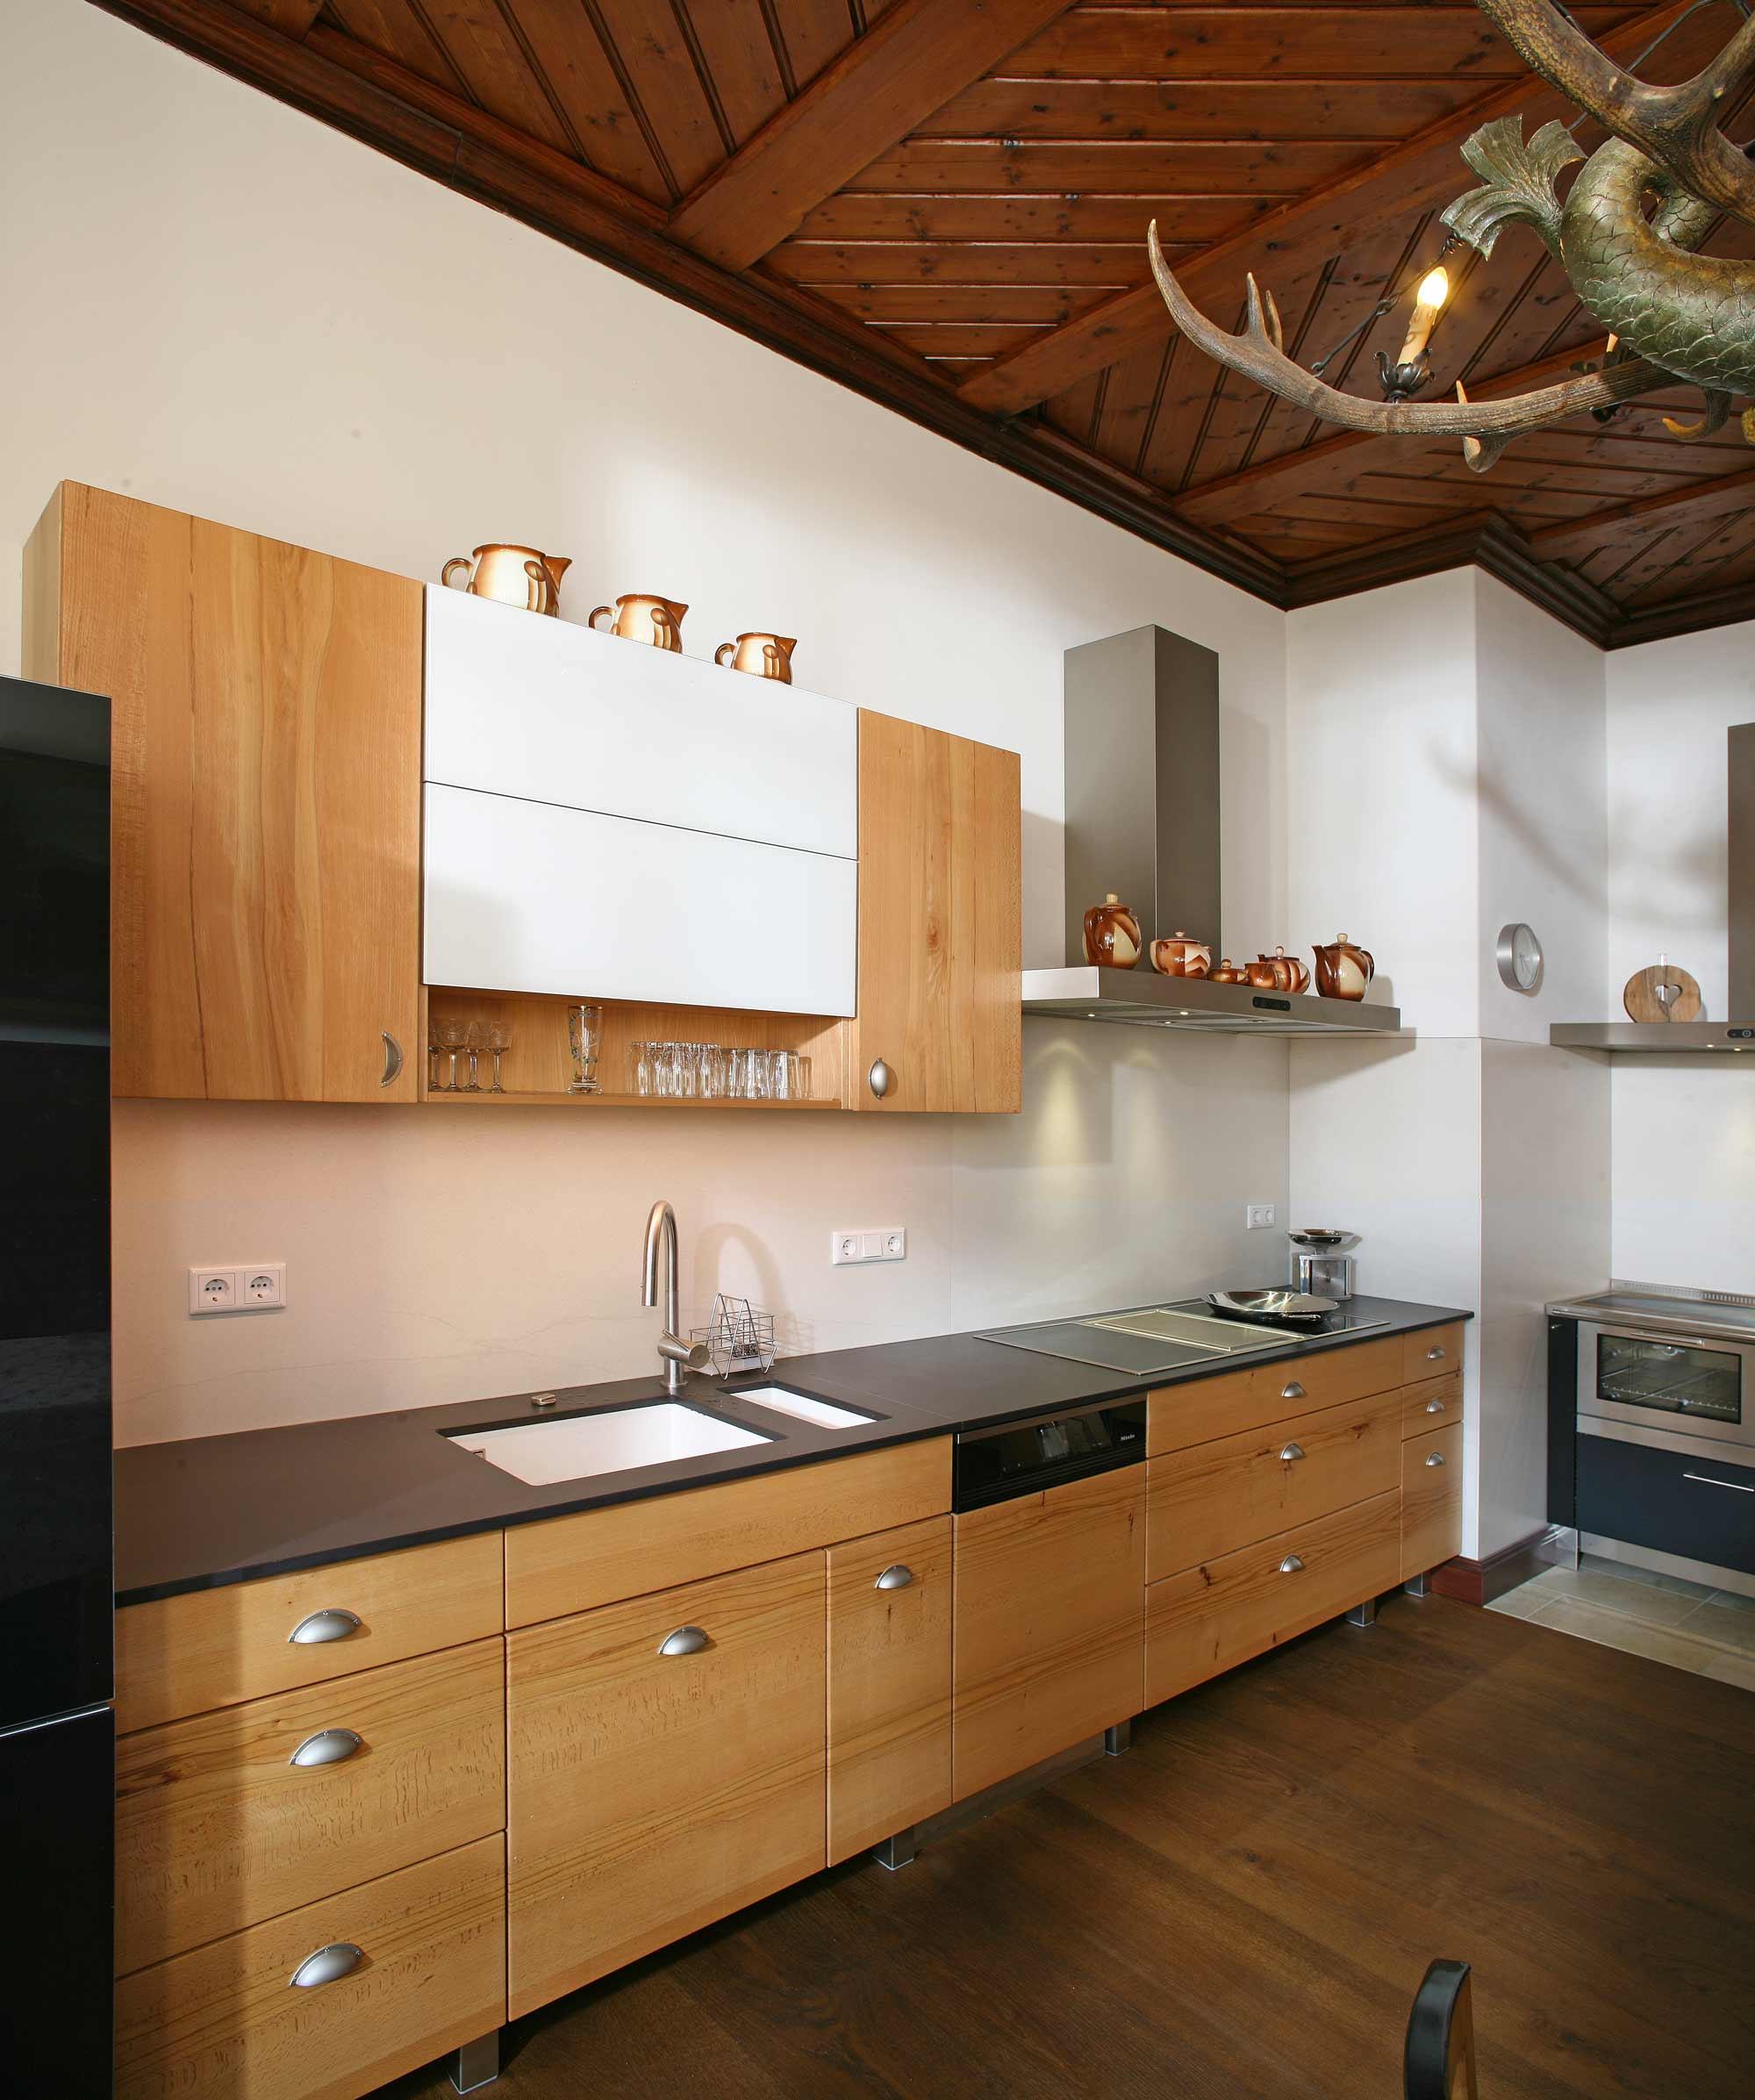 Full Size of Massivholzküche Ebay Massivholzküche Bilder Bax Massivholzküche Massivholz Küche Vom Tischler Küche Massivholzküche